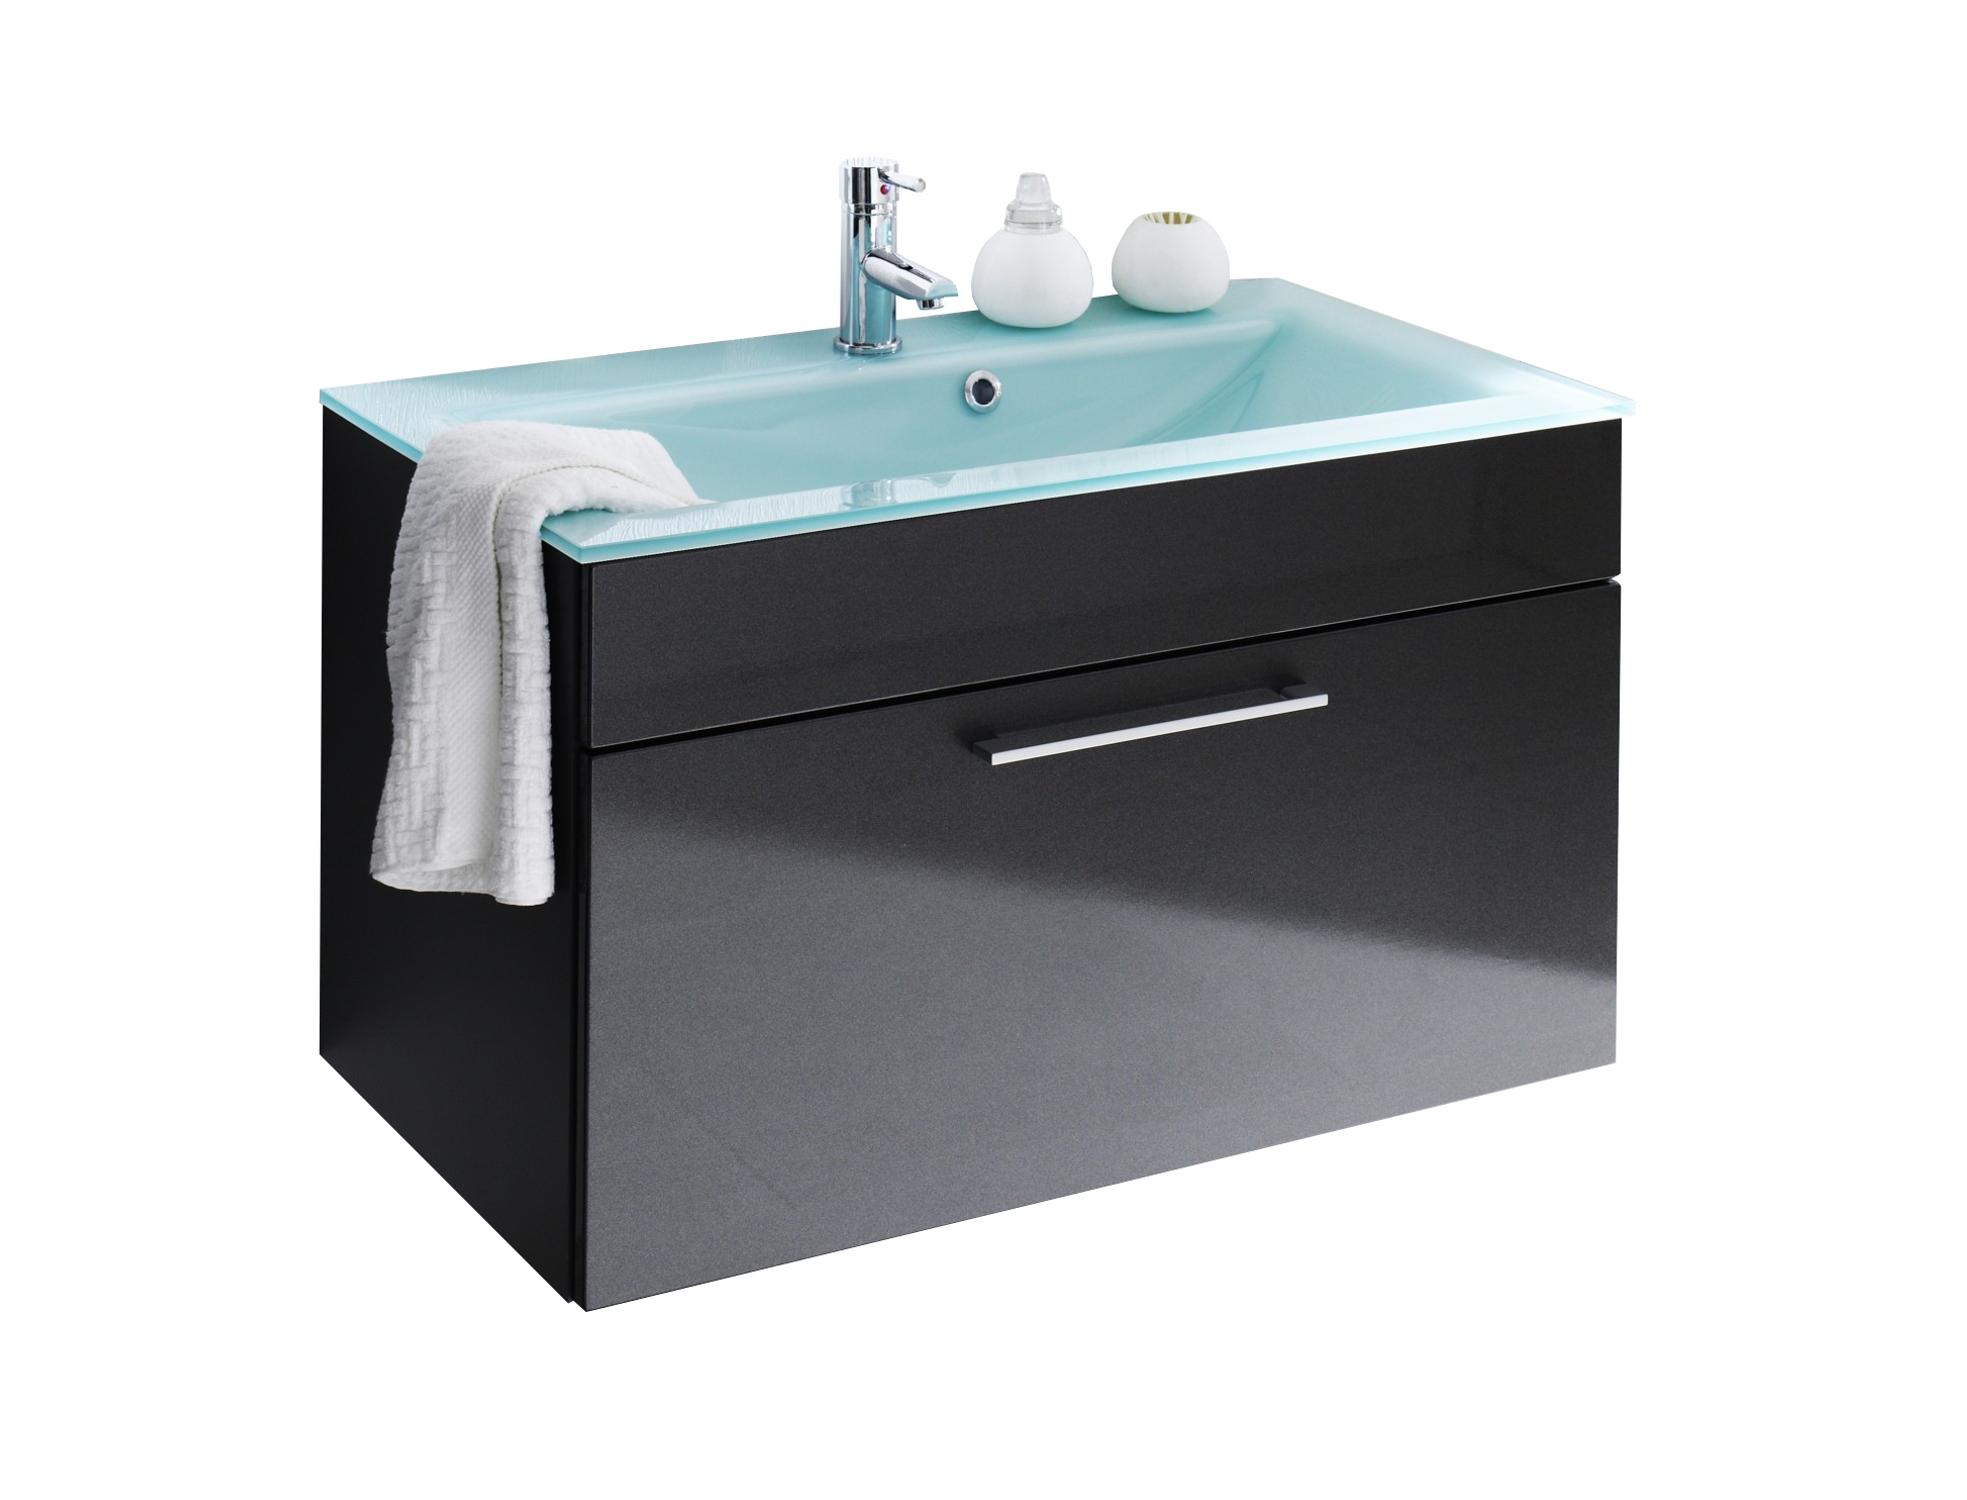 bad waschtisch hera mit glaswaschbecken aquamarin 90 cm breit anthrazit bad waschtische. Black Bedroom Furniture Sets. Home Design Ideas